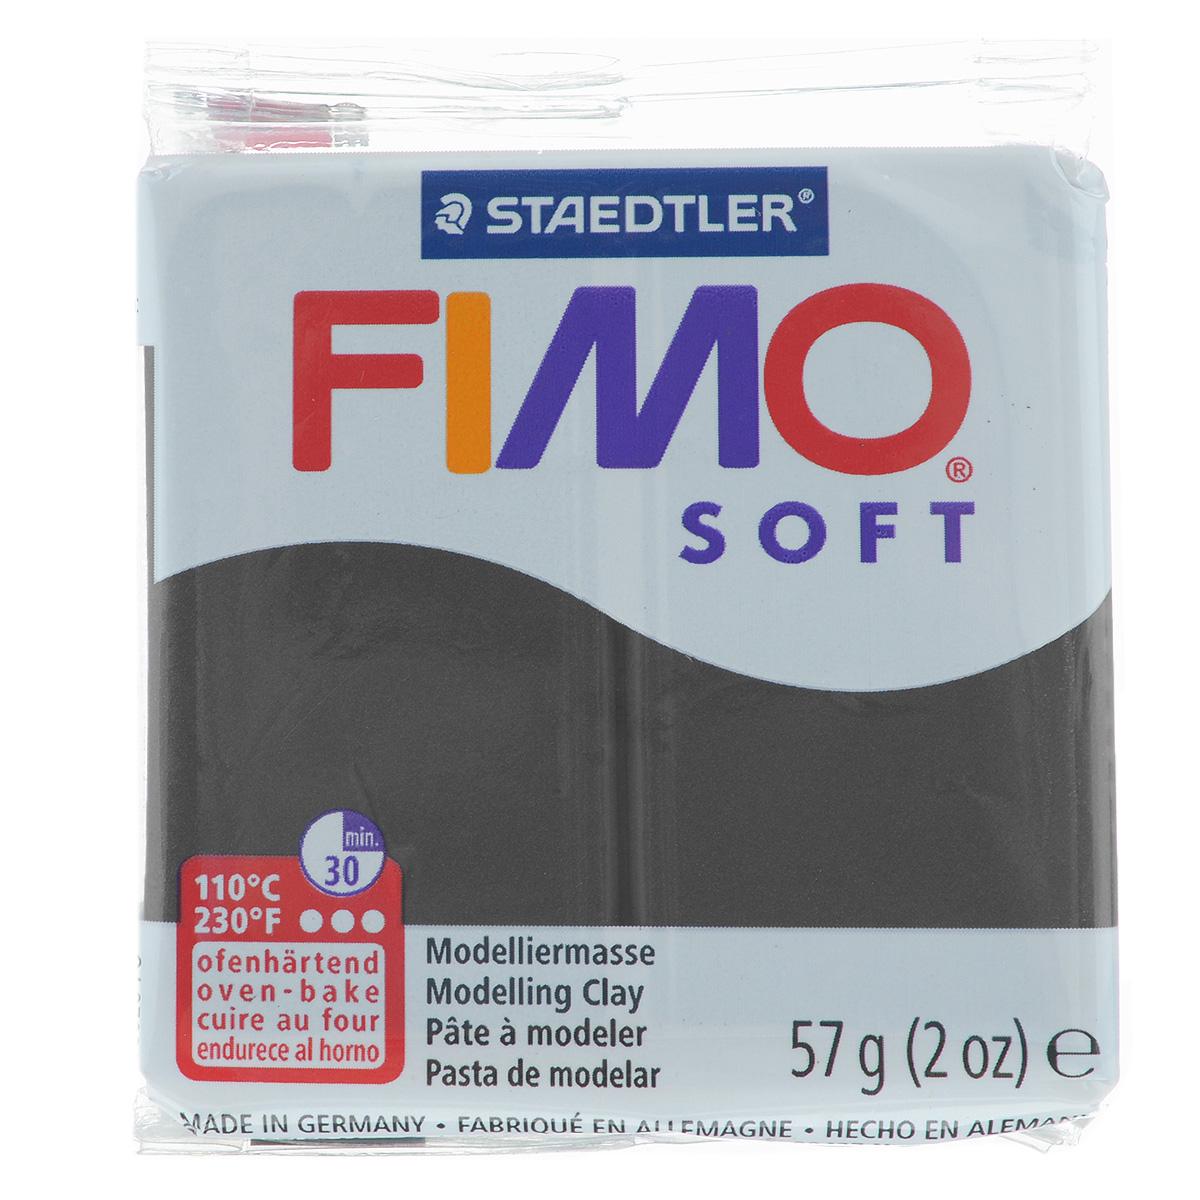 ���������� ����� Fimo Soft, ����: ������ (9), 56 � - Fimo8020-9������ ����� �� ���������� ������ (��������) Fimo Soft �������� �������� ��� ����� ��������� ������� (���������, �����������, �����) � ��� �������������. ����� �������� ��������� ����������� ����������, ������ ������������ � �������, ����� ����������� ����� �����, ��������� ���� ����� ������� �������� ���������� ������� ����� ������ � ��������. ���� ������� �� ������ ���������, ��� ��������� ����� ��������� ����� �� ������. � �������� �������� ������� ������� ���������� � ������� ����� ��� ����������� 110�� � ������� 15-30 ����� (� ����������� �� �������� �������). ����������� ������� ����� ���� ���������� ���������� ��������, ������� �����, ������� ���� � ������ ��� � ������� �����������. ������: ���������������, ��������������, �������������� �����������, ������� ��������.